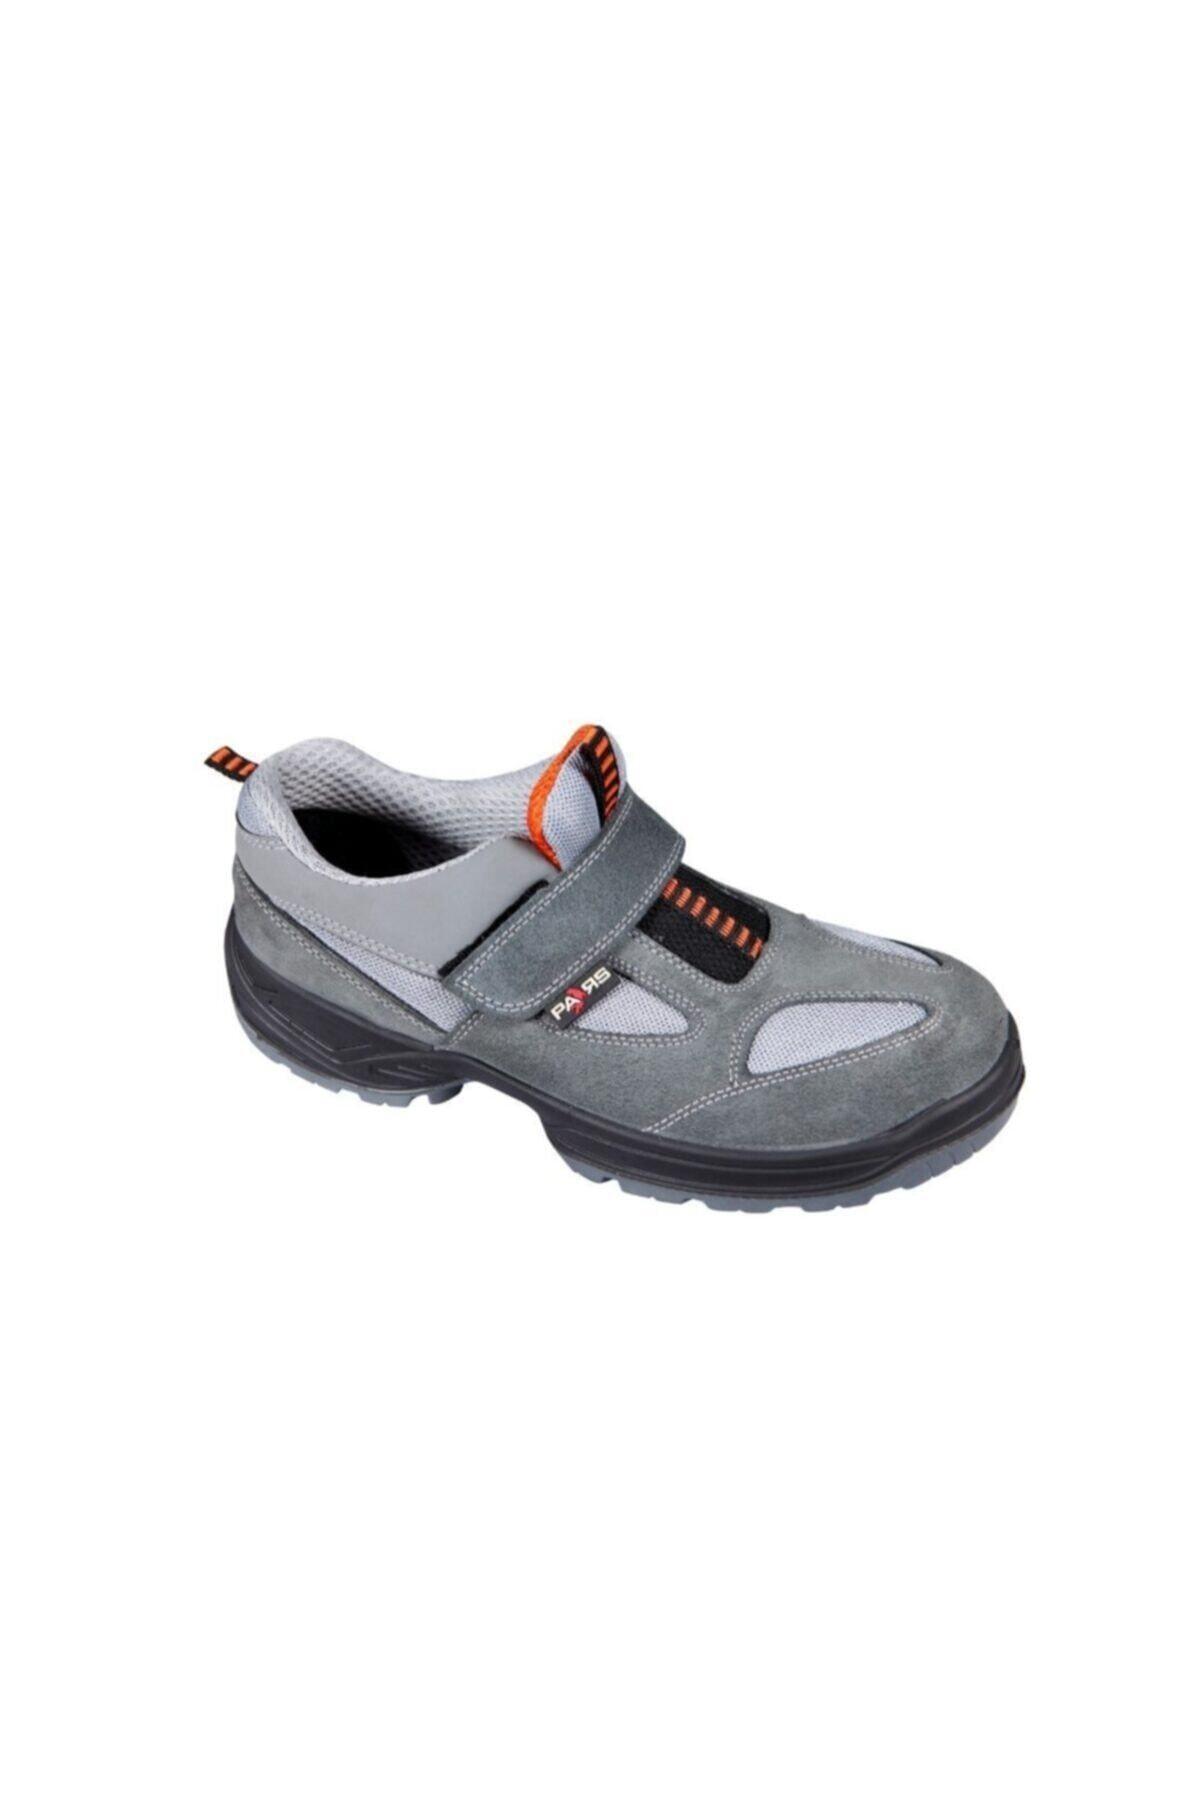 Pars Iş Güvenlik Ayakkabısı 116 S1 Çelik Burun